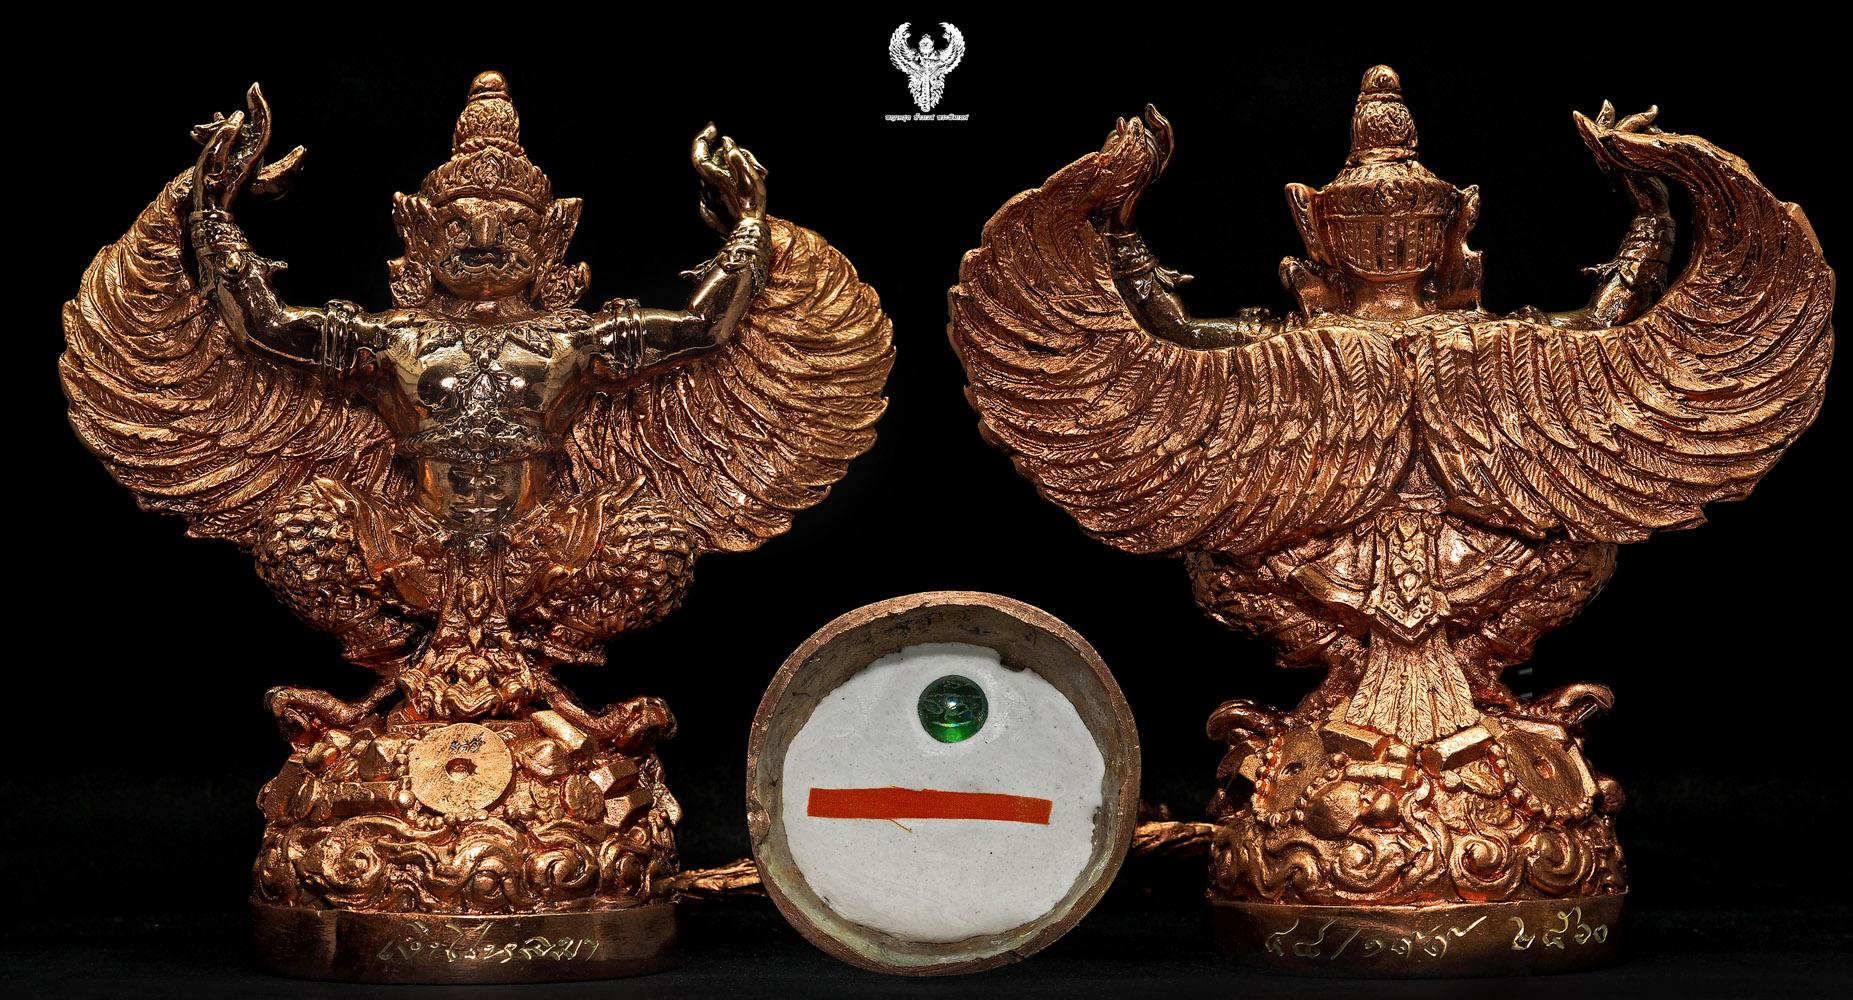 พญาครุฑ รุ่น.เงินไหลมา ขนาด 3 นิ้ว เนื้อสัมฤทธิ์ จัดสร้าง 199 องค์ หลวงพ่อรักษ์ อนาลโย ปลุกเสกเดียว